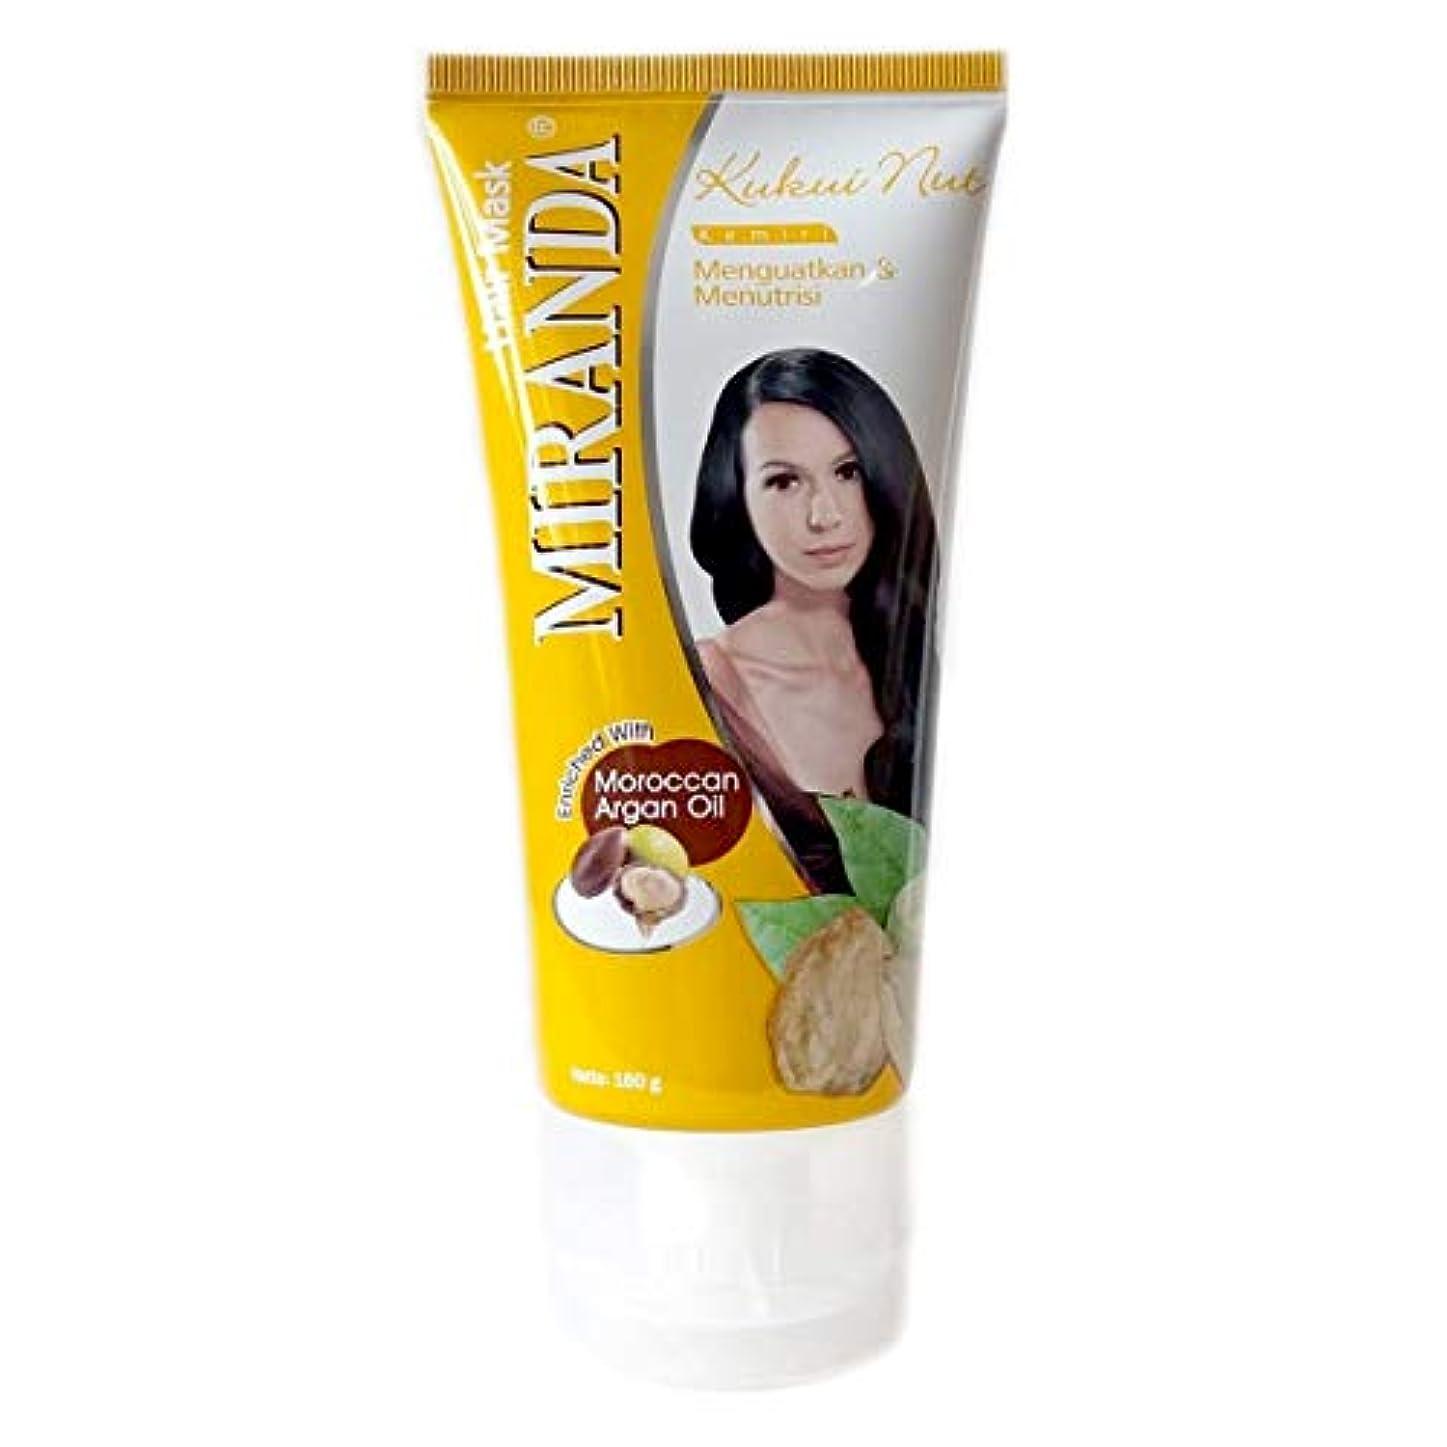 後場所毎週MIRANDA ミランダ Hair Mask ヘアマスク モロッカンアルガンオイル主成分のヘアトリートメント 160g Kukui nut クミリ [海外直送品]